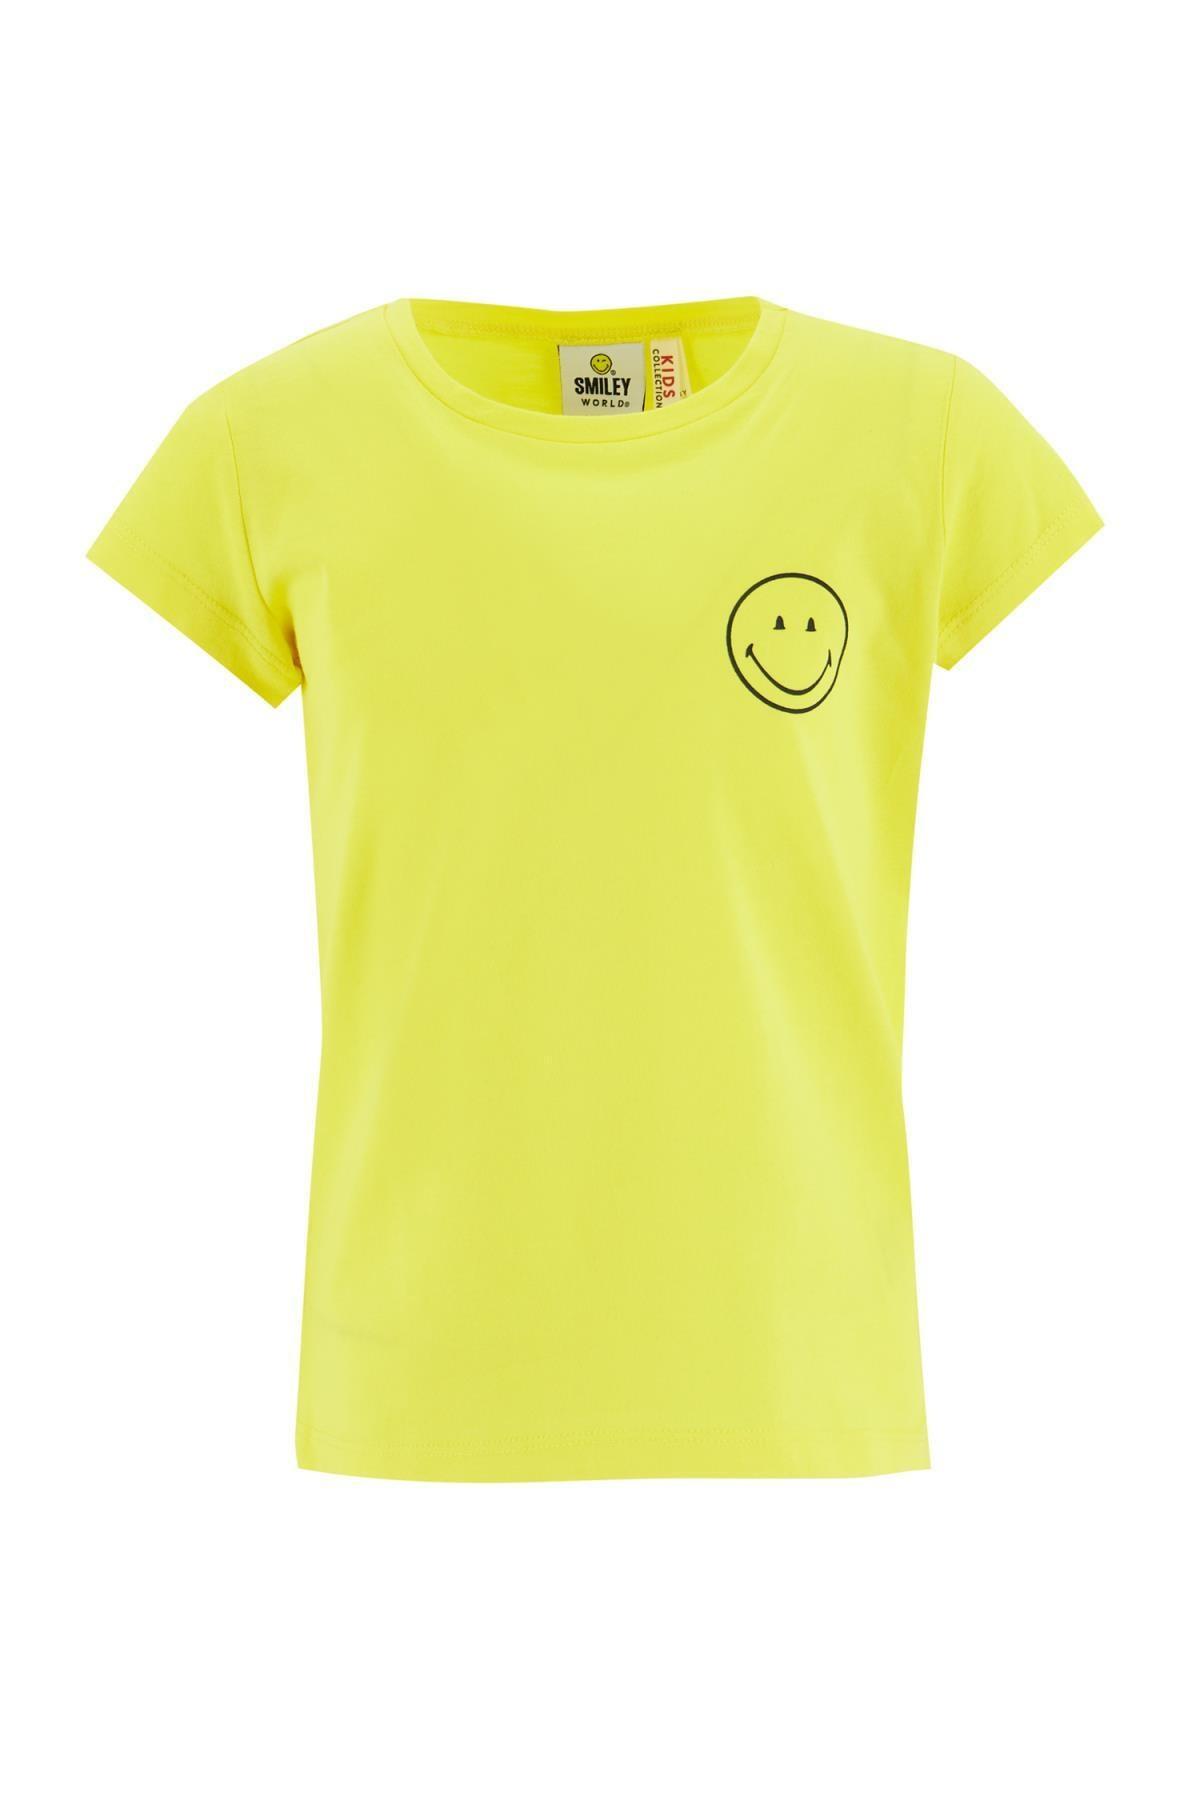 Defacto Kız Çocuk Smileyworld Lisanslı Kısa Kol Tişört 0